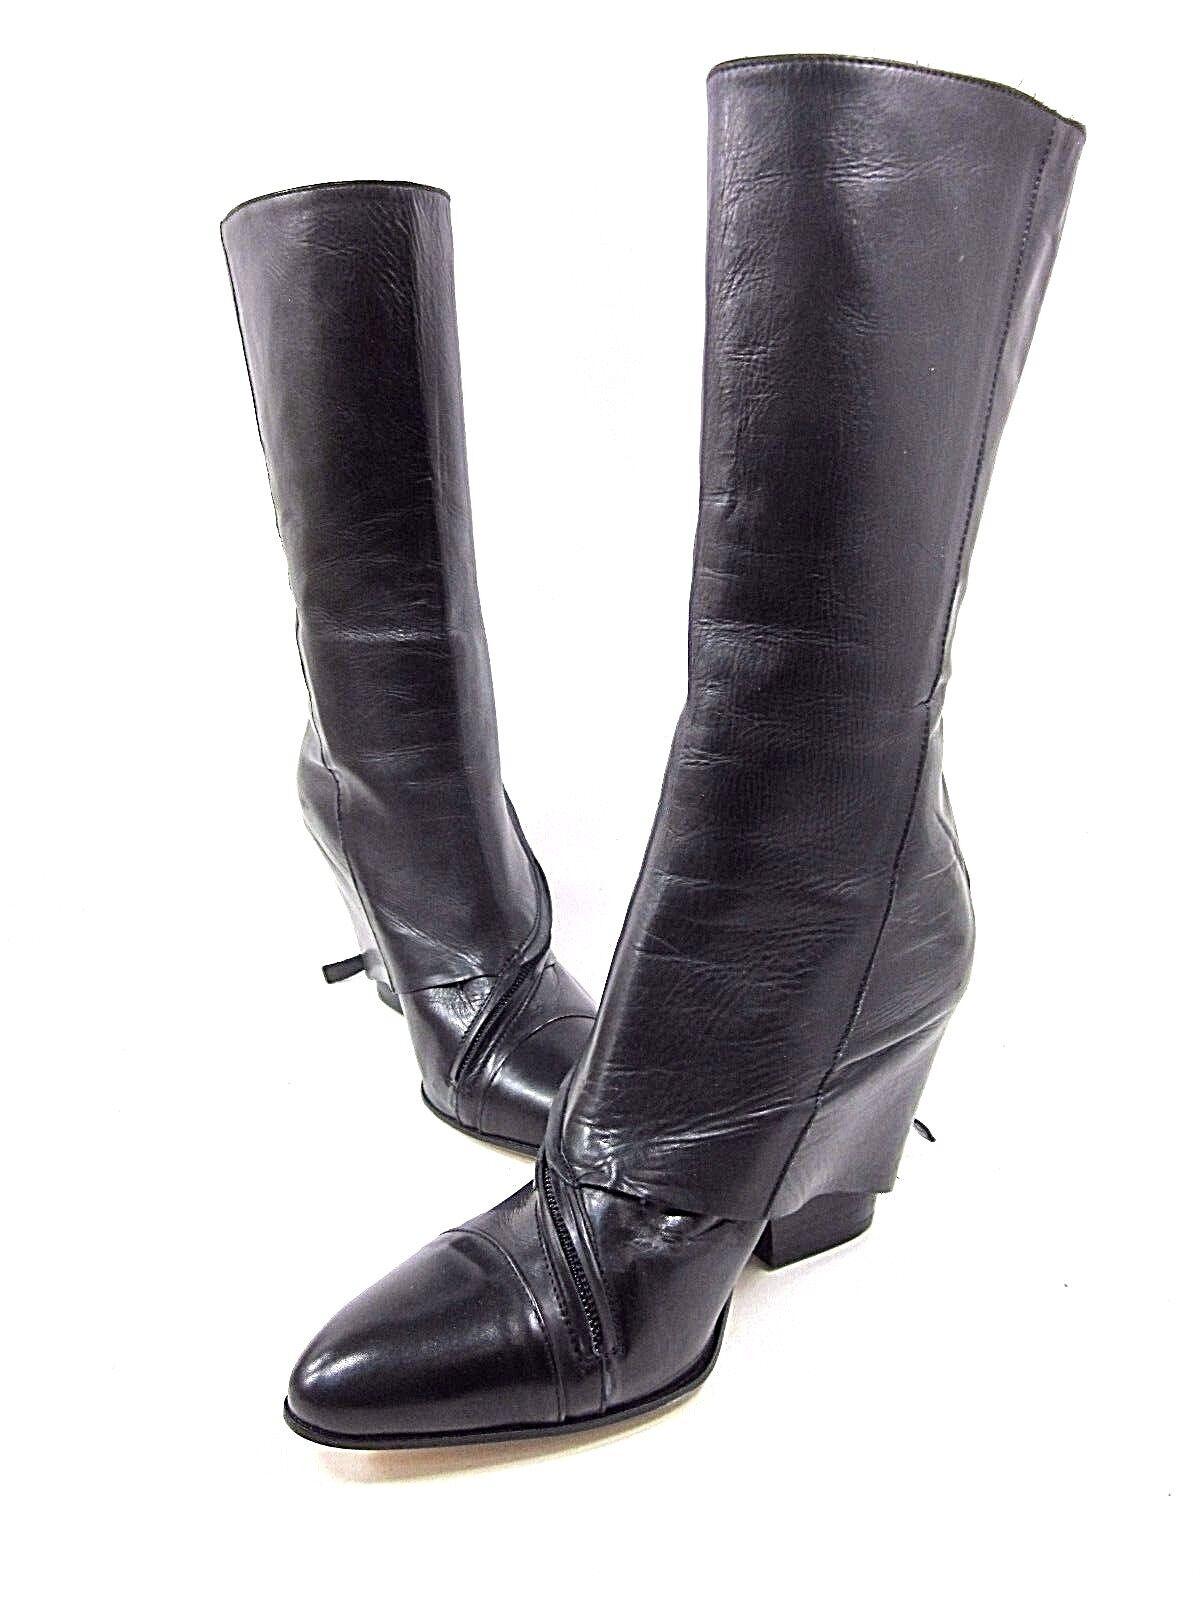 EILEEN SHIELDS, WYNN Stiefel, Stiefel, Stiefel, damen, schwarz, US 8M, EURO 38.5M, NEW WITHOUT BOX 8072b6